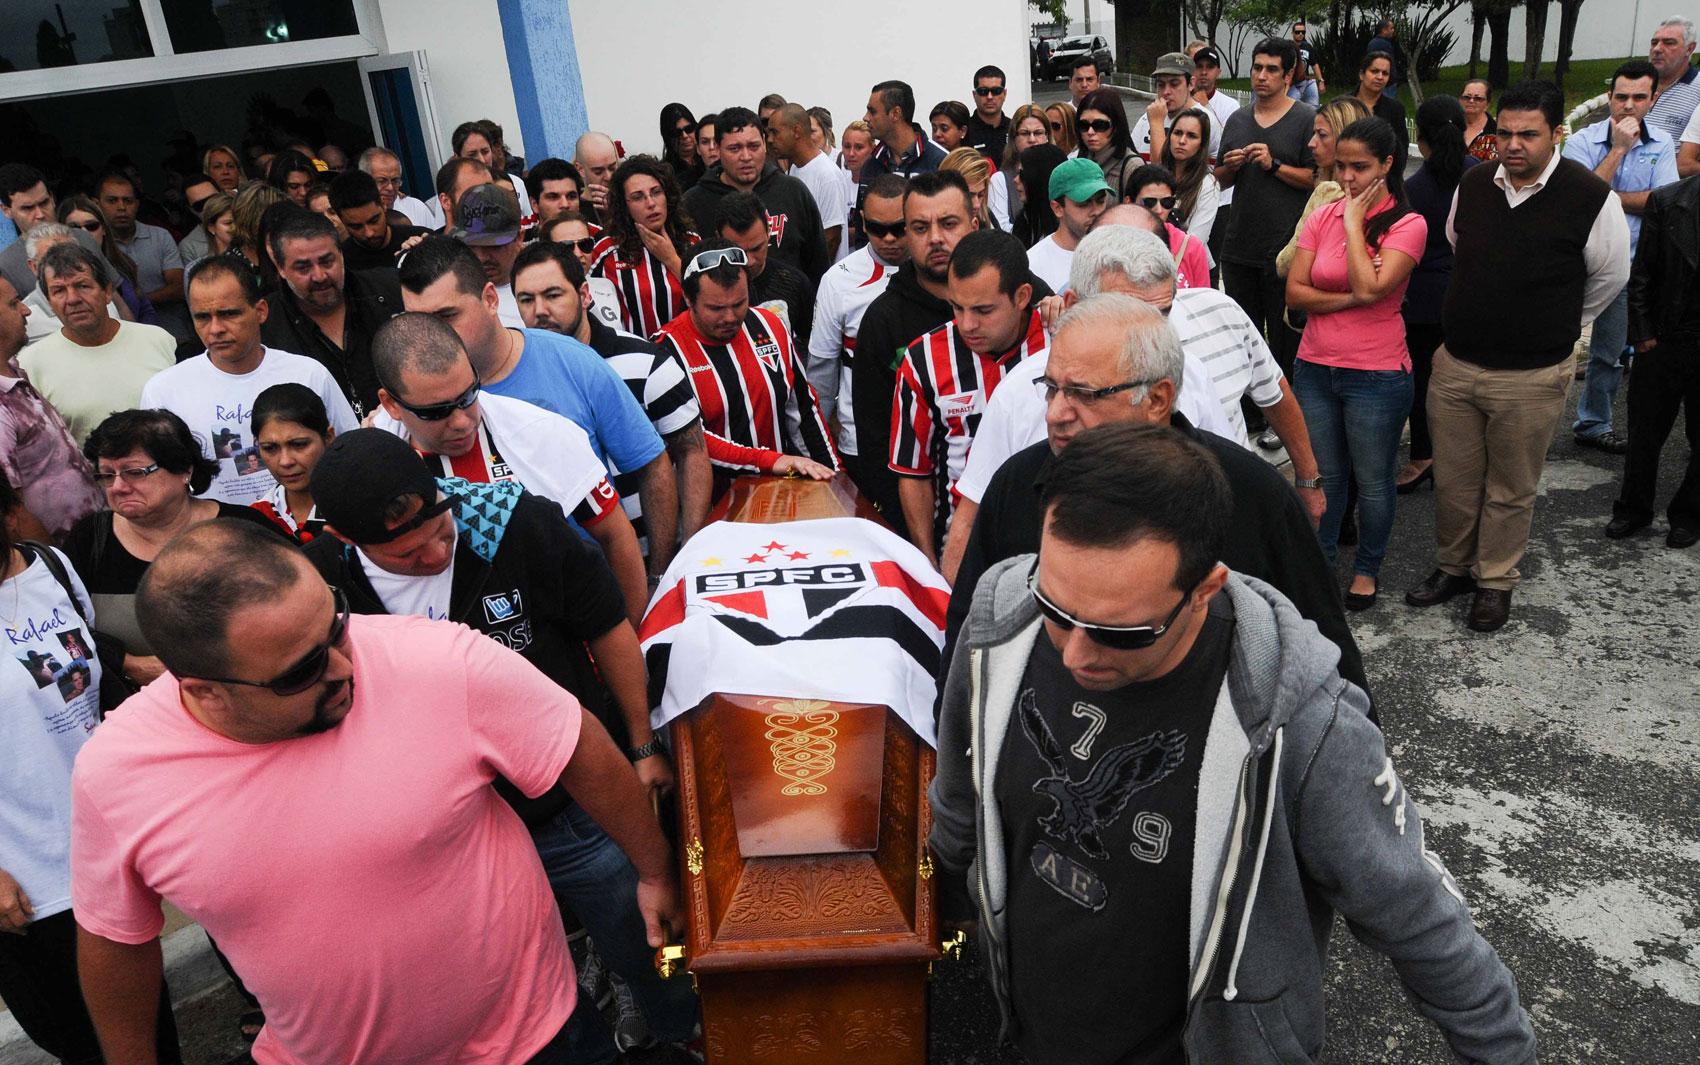 Homens carregam caixão durante o funeral de Rafael Paulo Nunes de Carvalho, de 32 anos, no Cemitério das Lágrimas, em São Caetano do Sul (SP). Ele foi uma das vítimas do incêndio em Santa Maria (RS), para onde tinha viajado para comemorar seu aniversário.